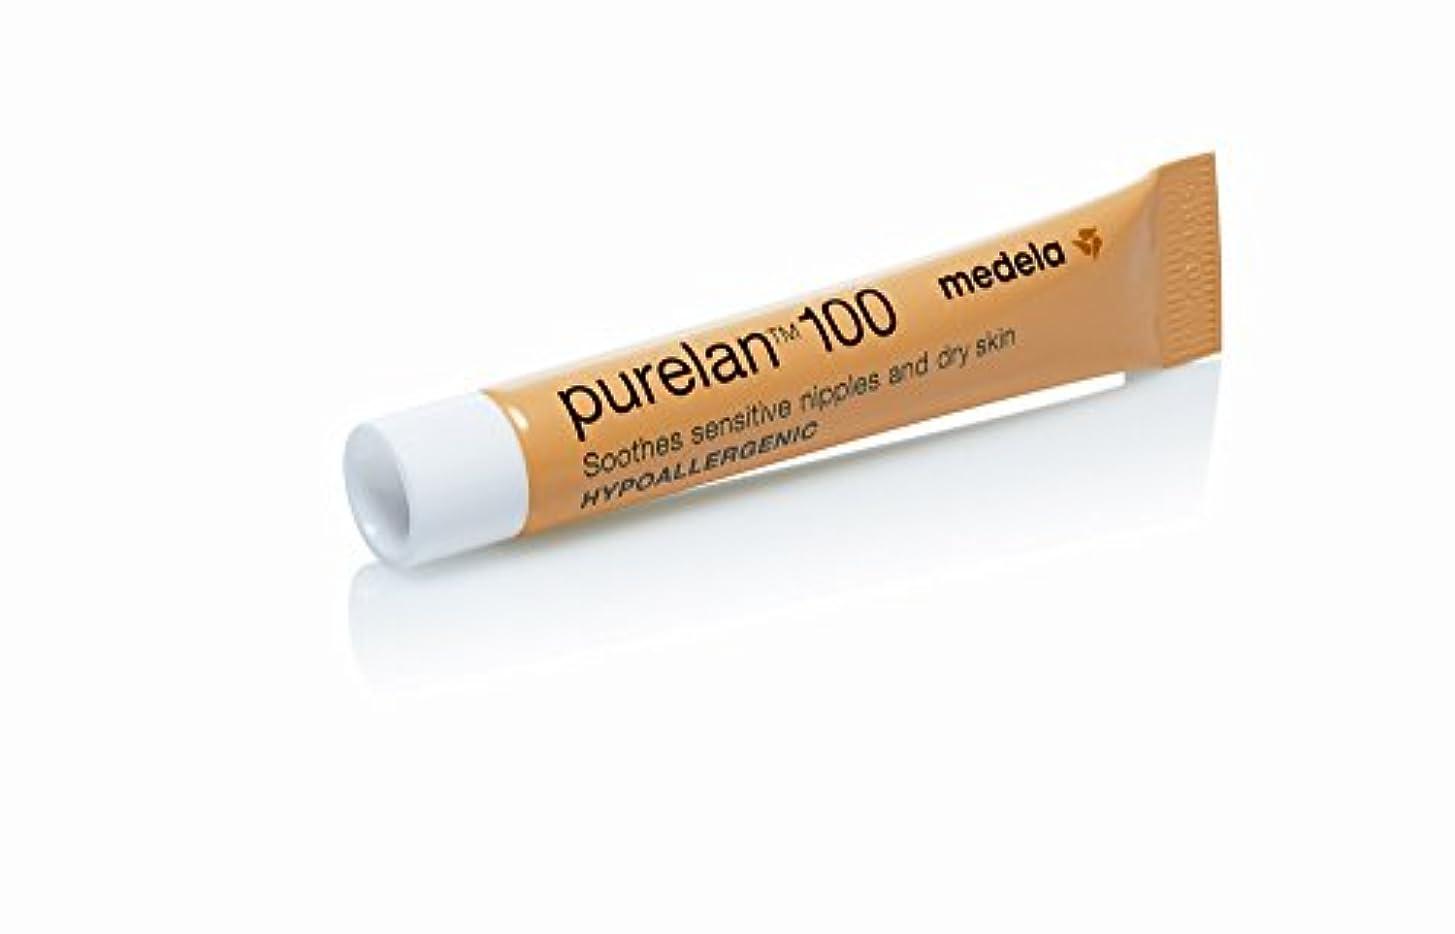 手荷物くちばしベールMedela メデラ 乳頭保護クリーム ピュアレーン100 7g 天然ラノリン 100% (008.0018)